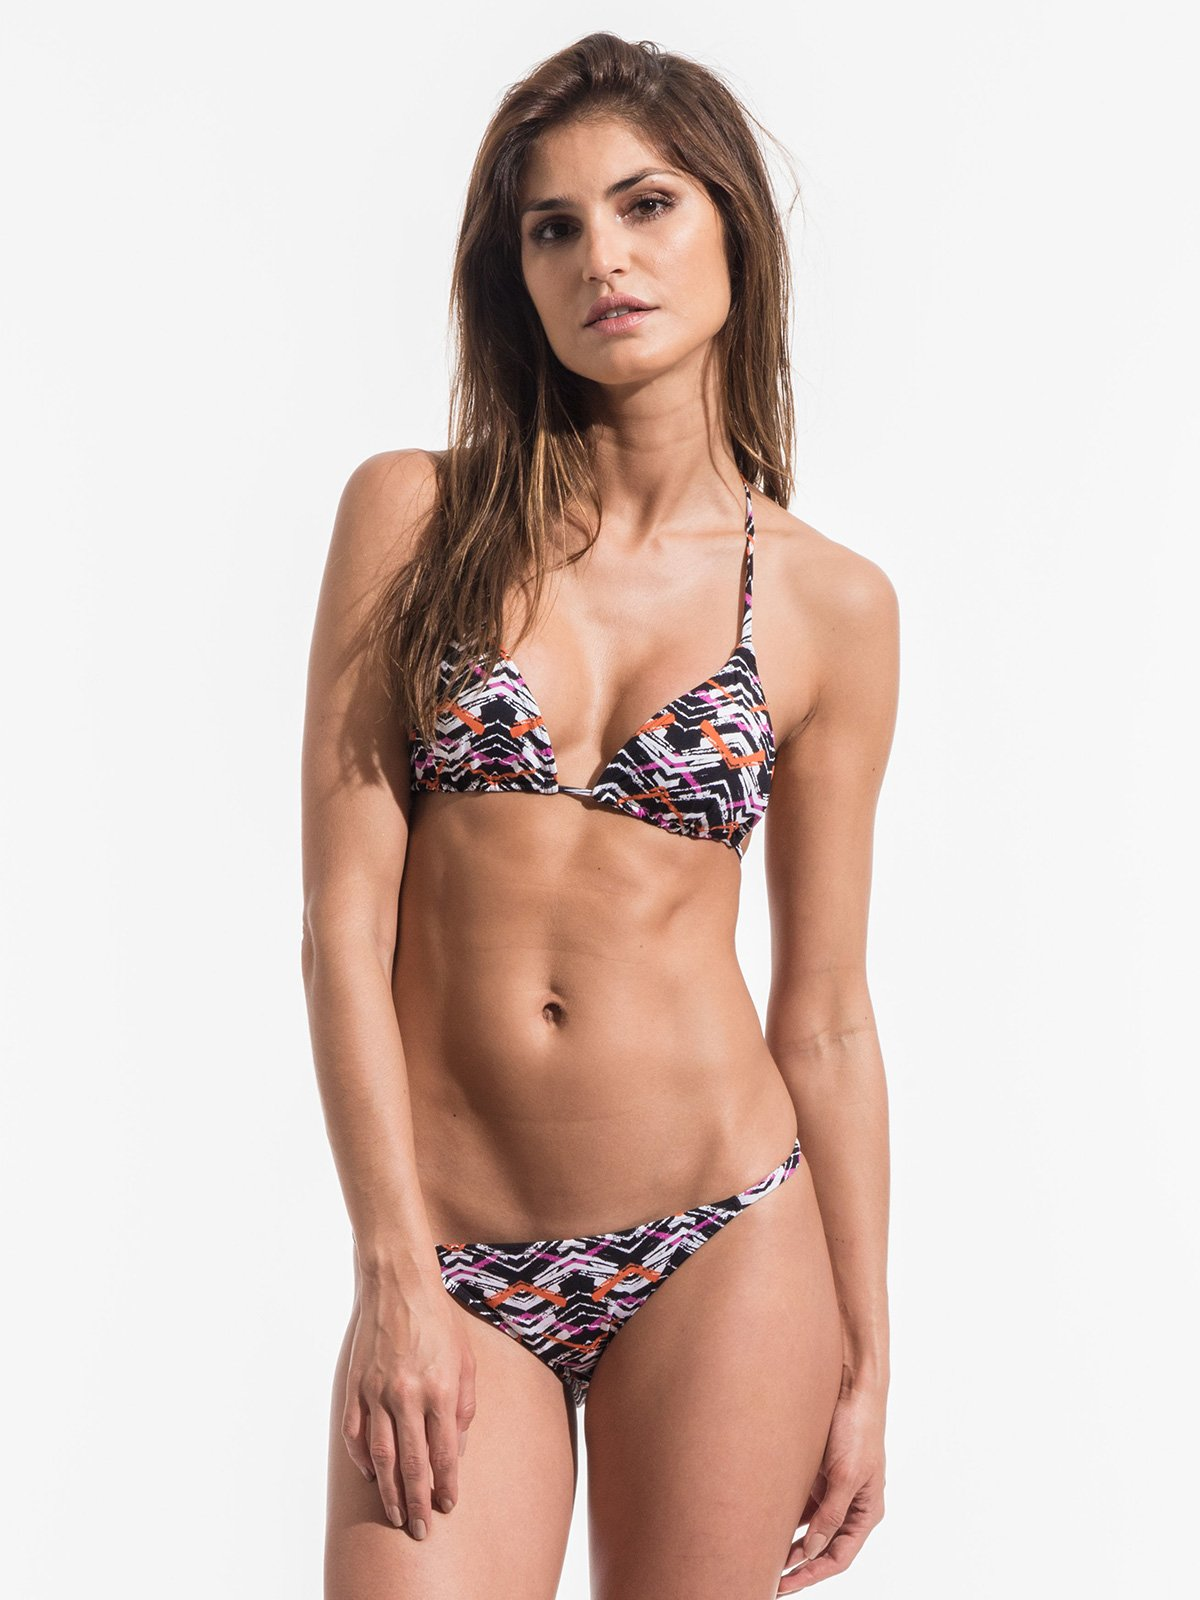 ... Triangel-Bikini mit grafischem Muster, nicht anpassbarer Unterteil mit schmalen  Seiten - FISHY ...